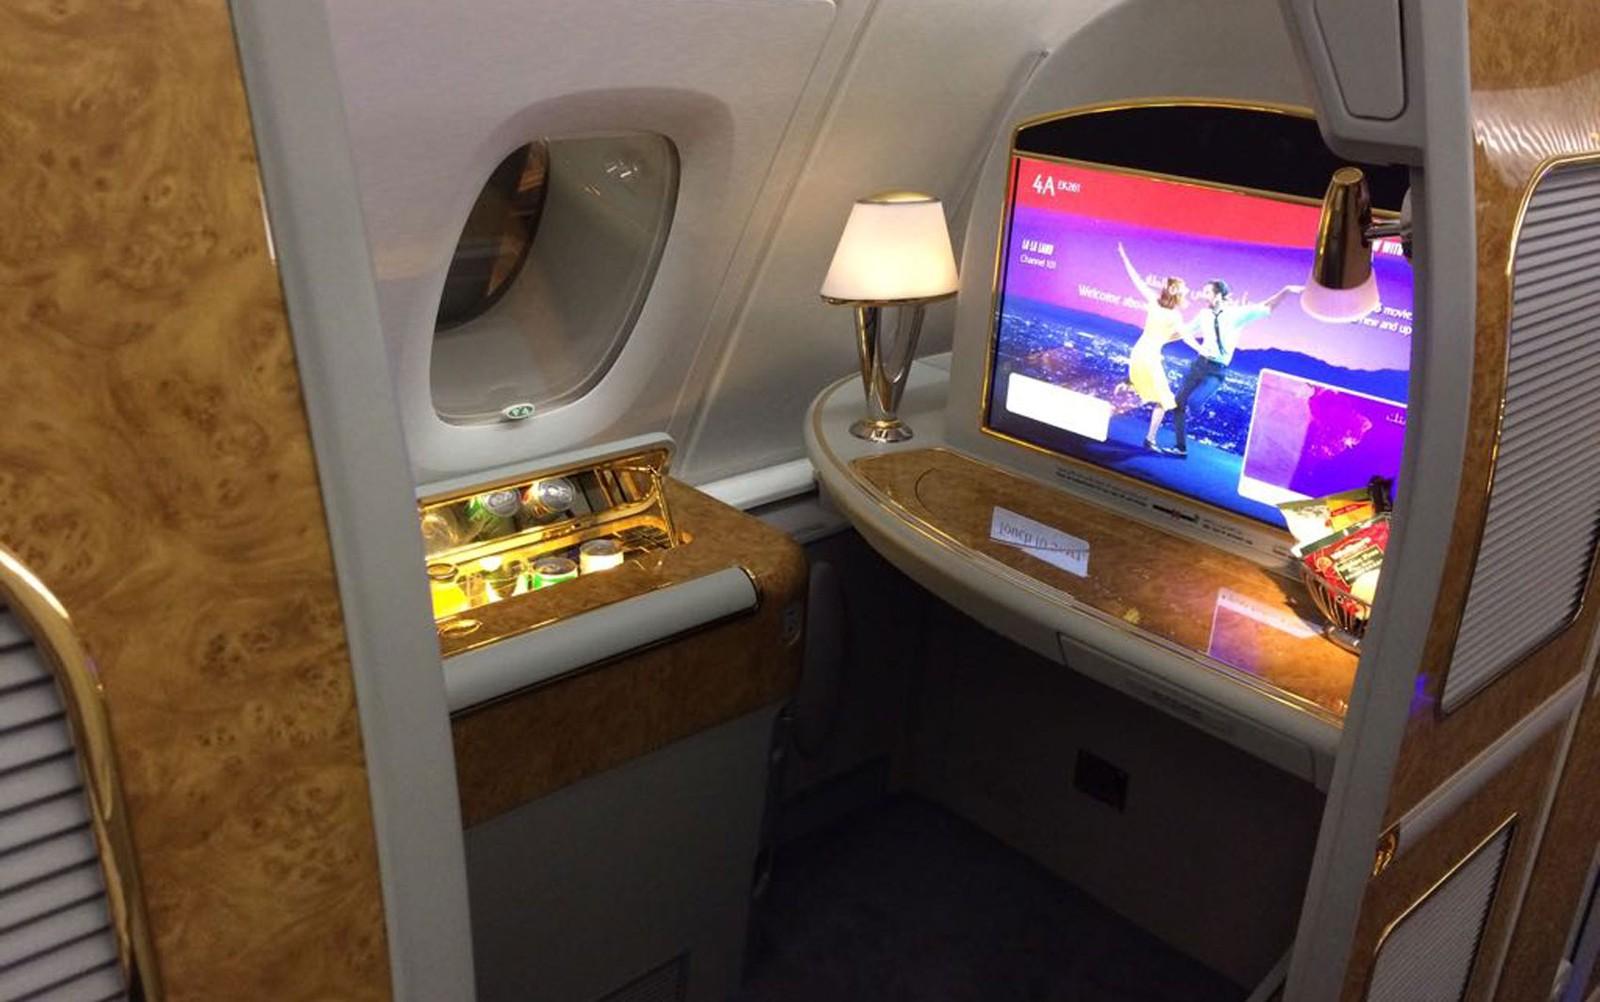 [Brasil] A380, maior avião comercial do mundo, aterrissa em Guarulhos e recebe 'batismo'; veja vídeo Av08